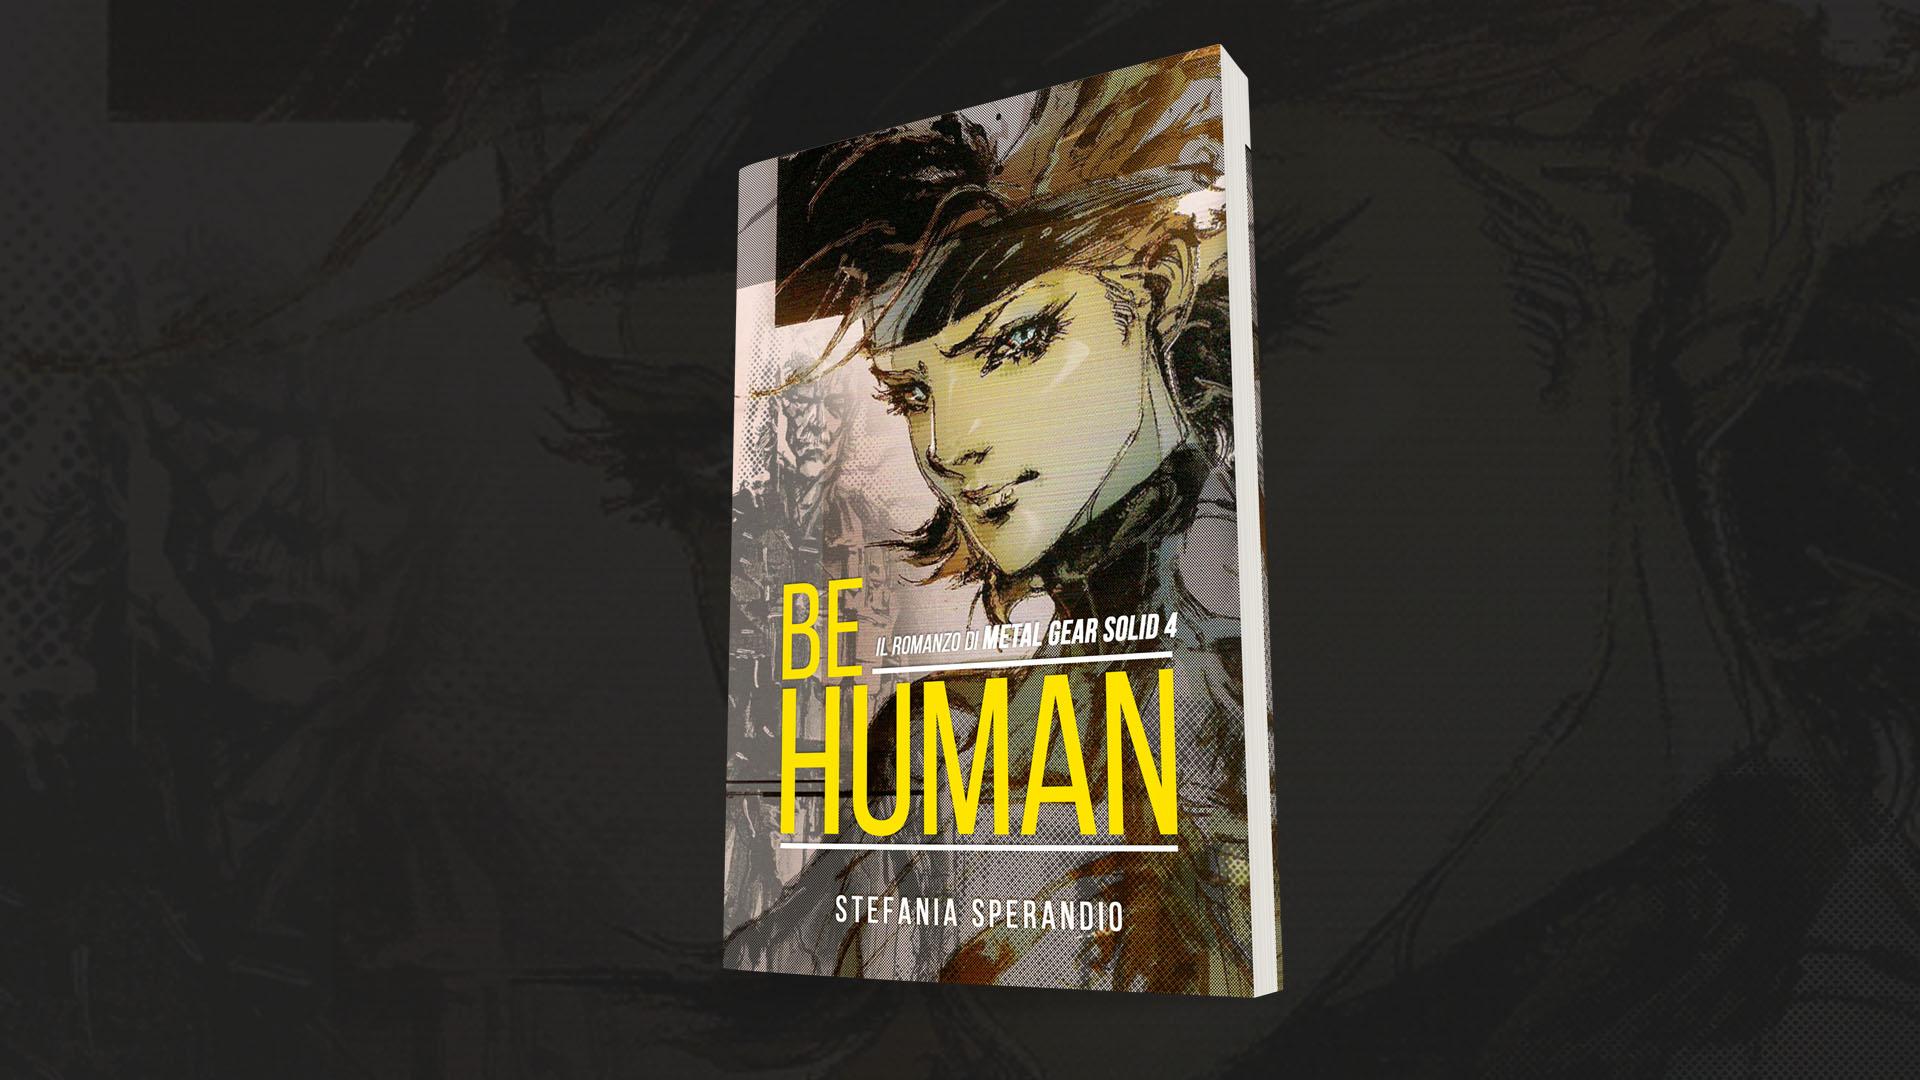 copertina be human